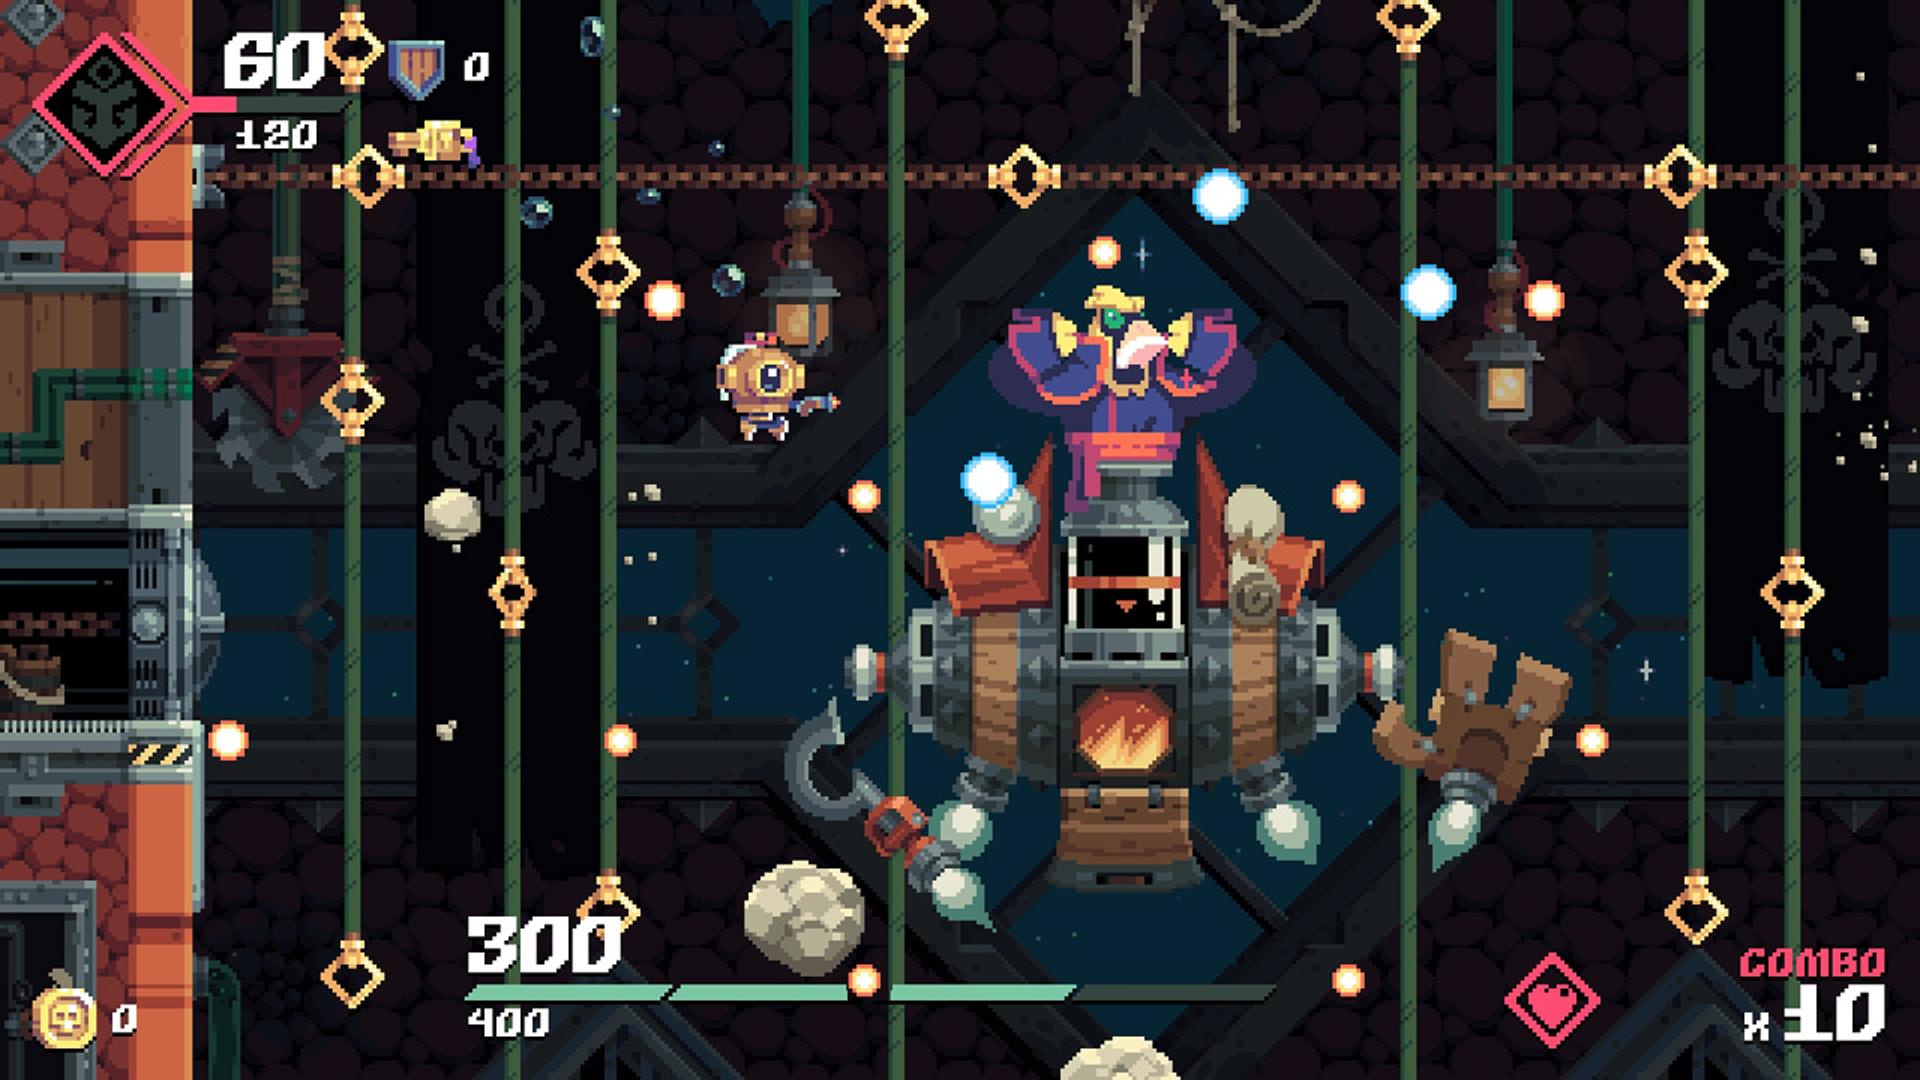 『Flinthook (フリントフック)』ゲーム画面